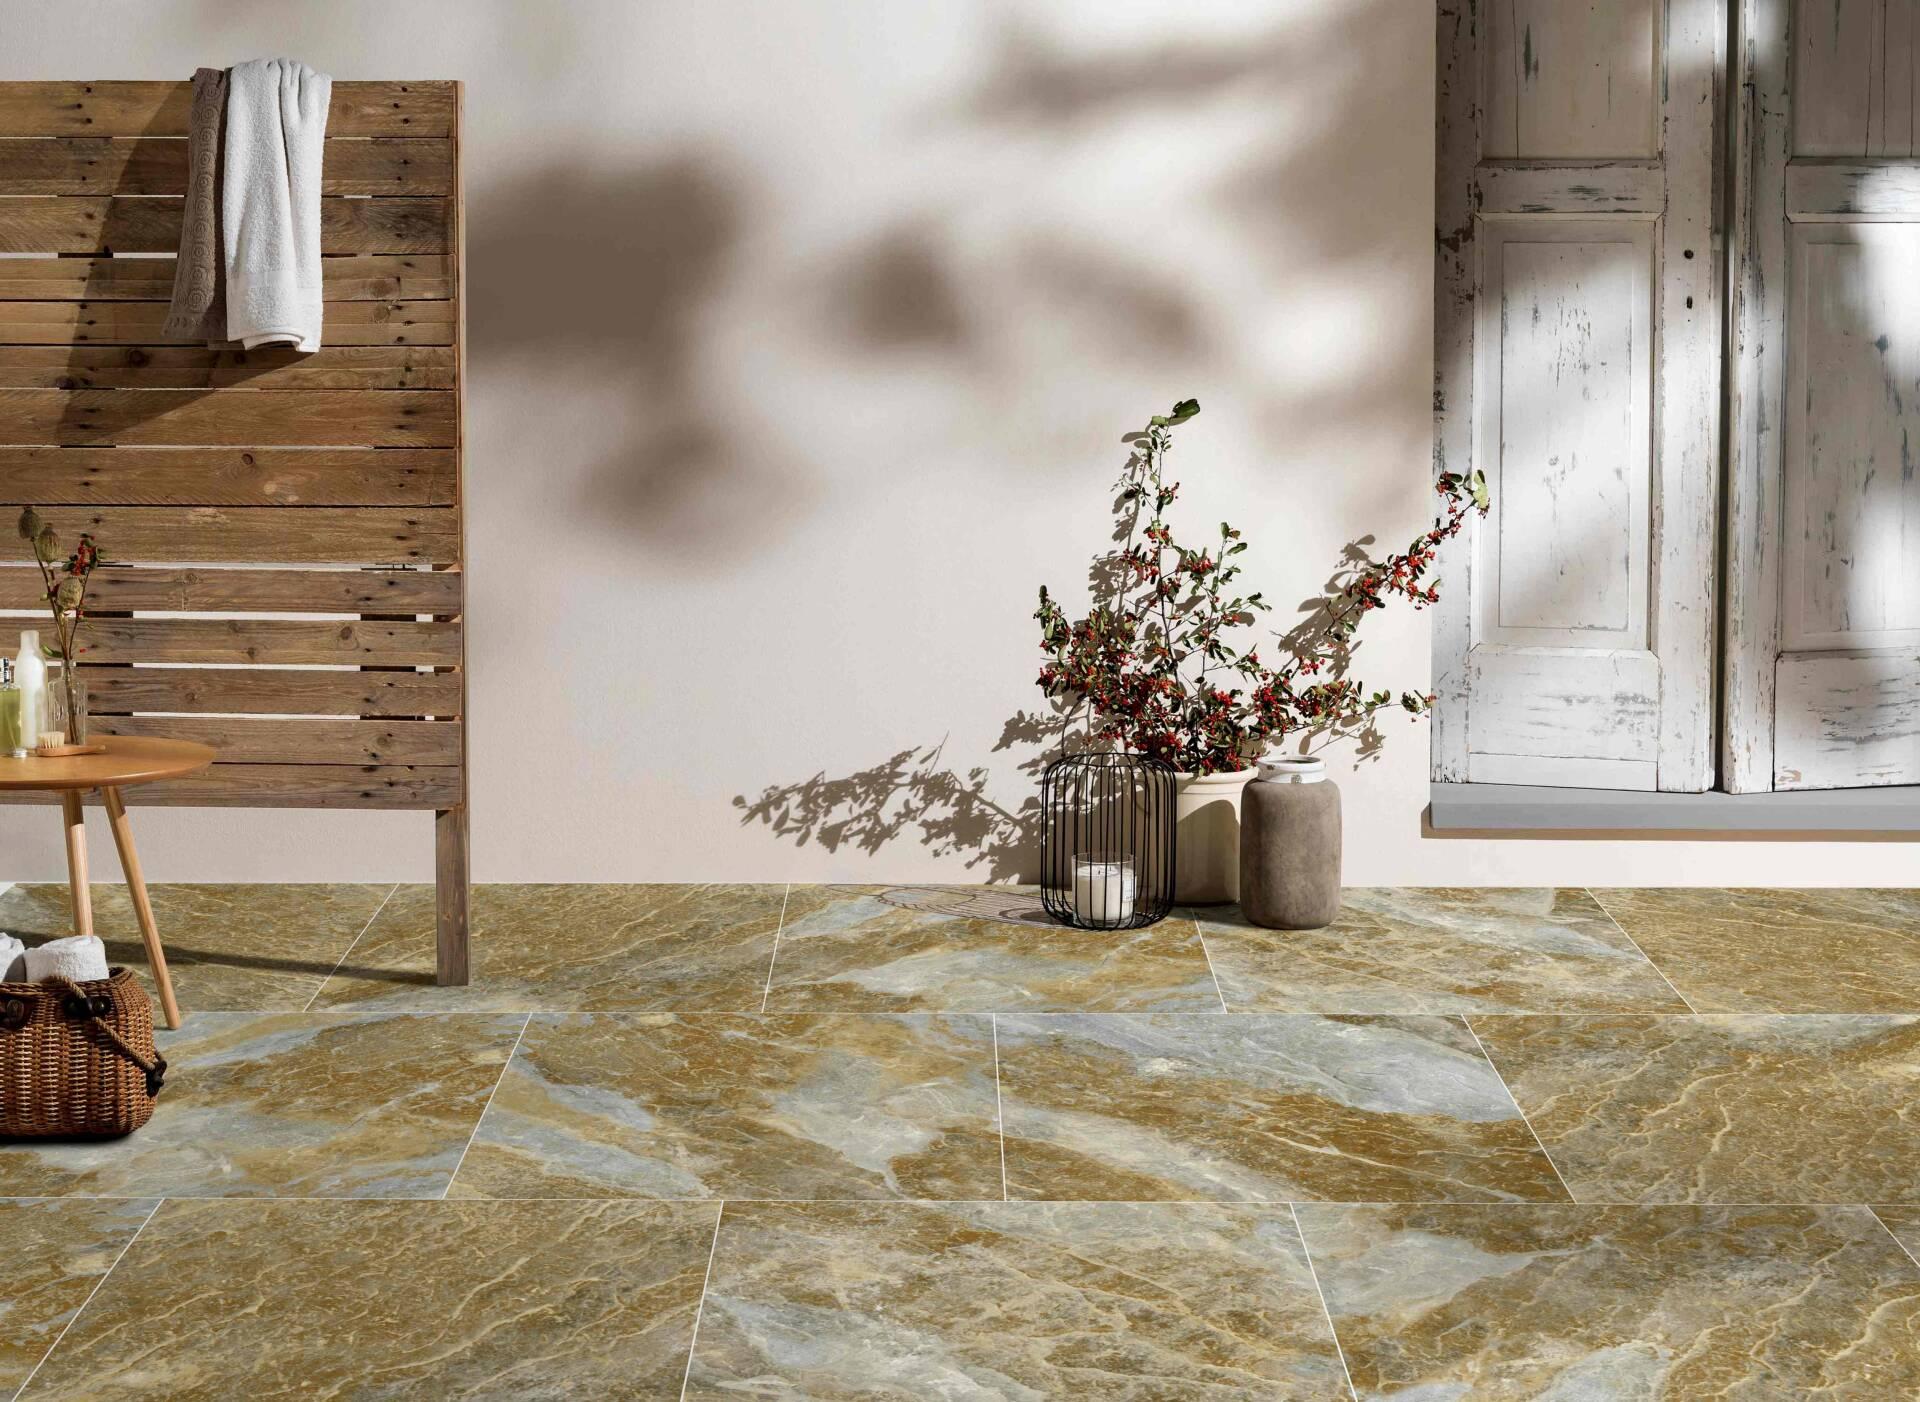 Gạch men khô vân đá vàng làm nổi bật vẻ đẹp đơn giản tinh tế của không gian